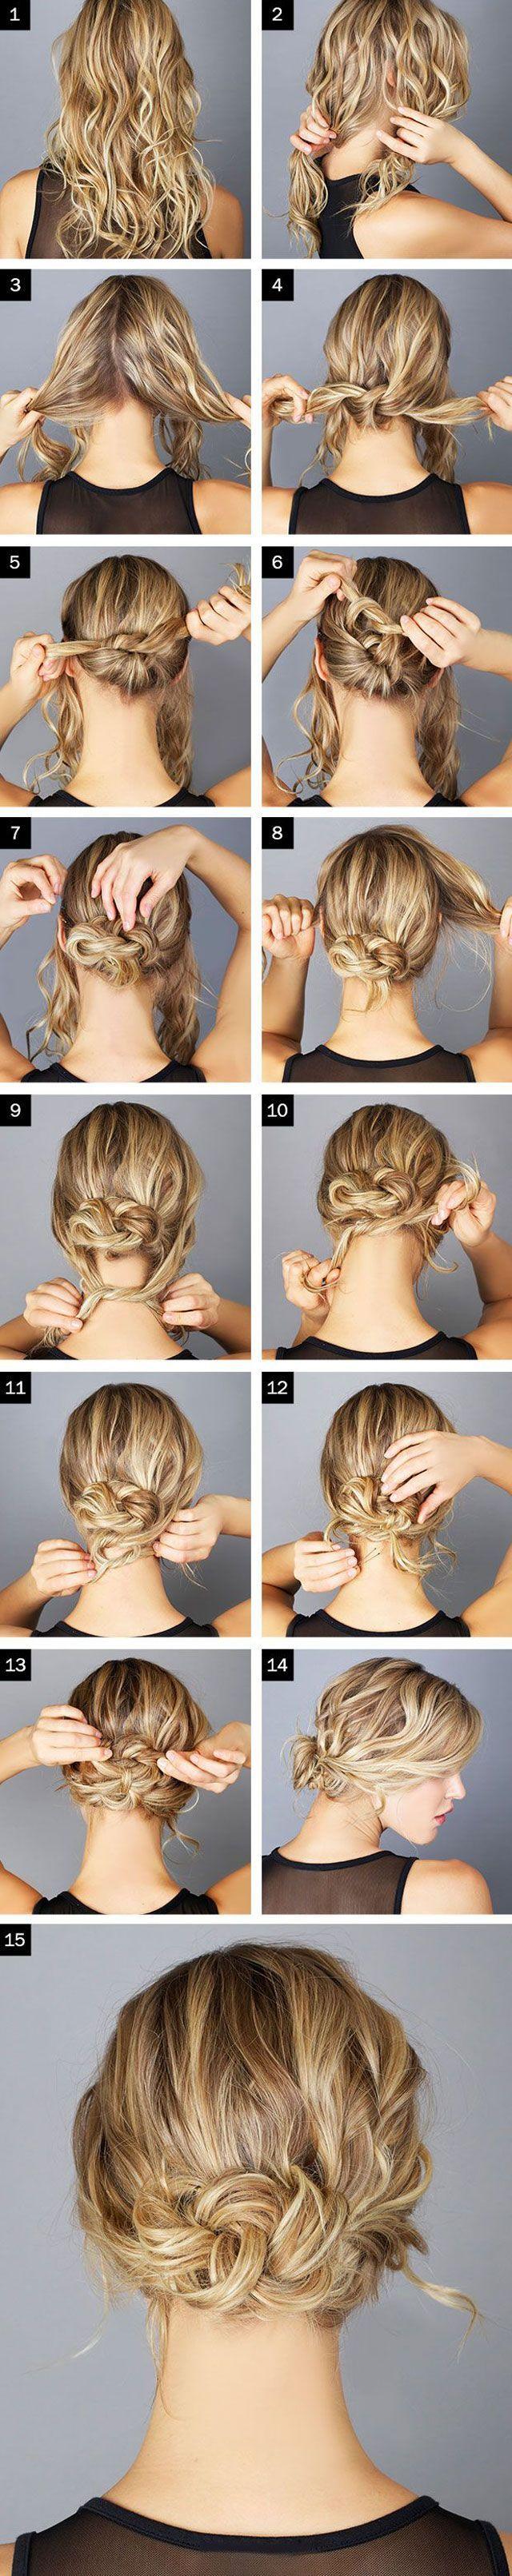 coiffures pour femmes faciles à faire soi-même en moins de cinq minutes  16 via http://ift.tt/2axo7TJ